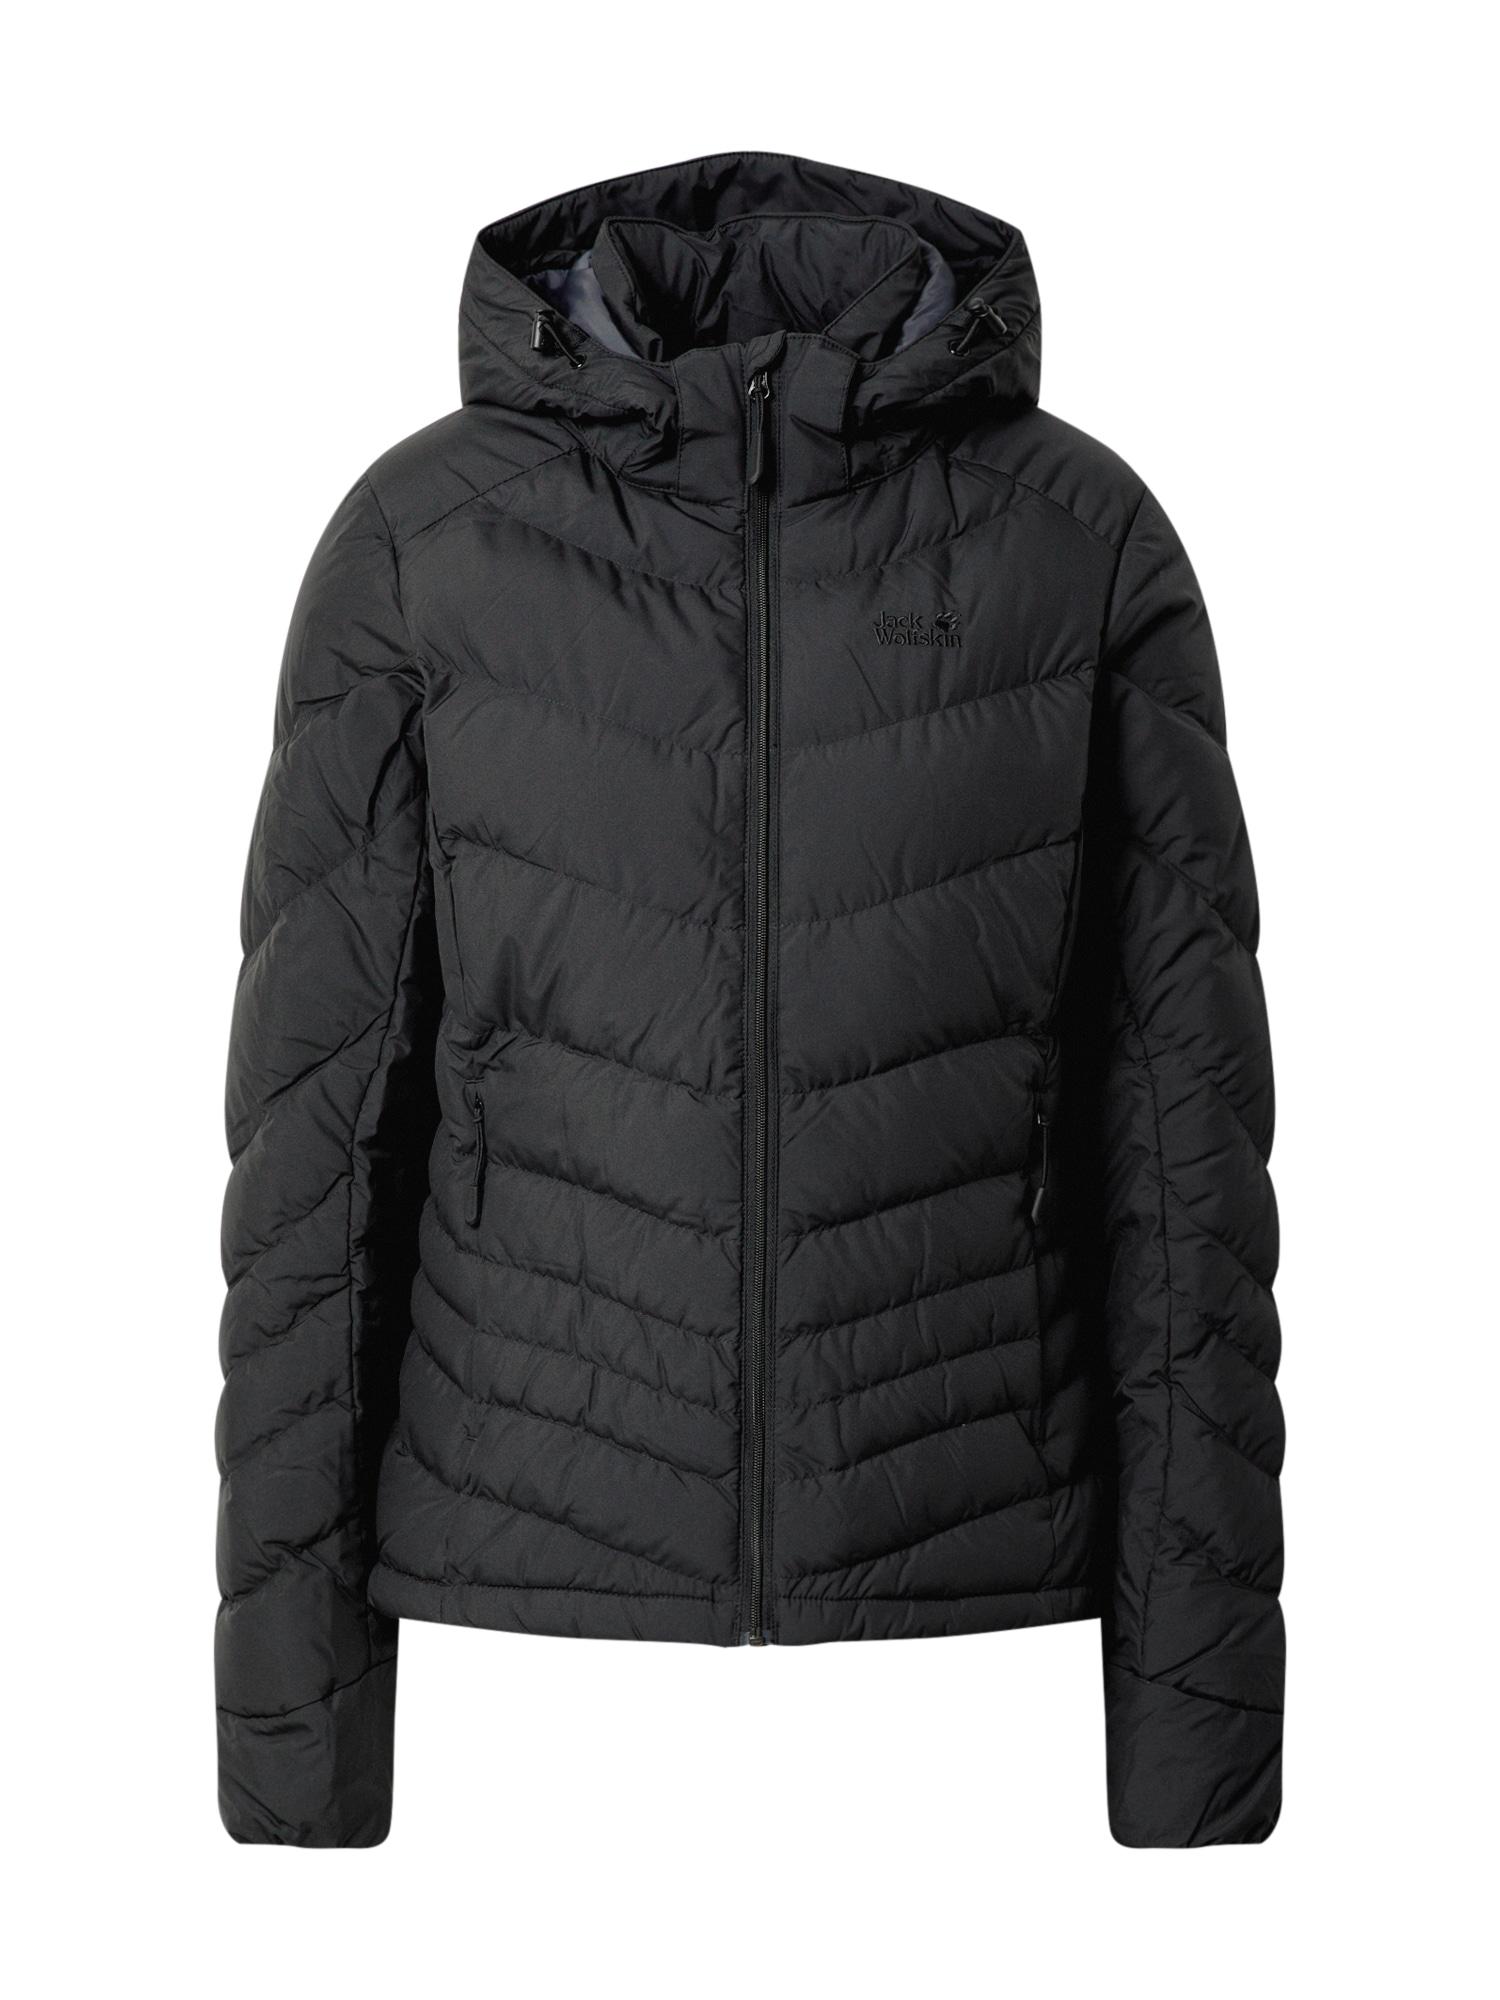 JACK WOLFSKIN Outdoorová bunda 'Selenium'  černá